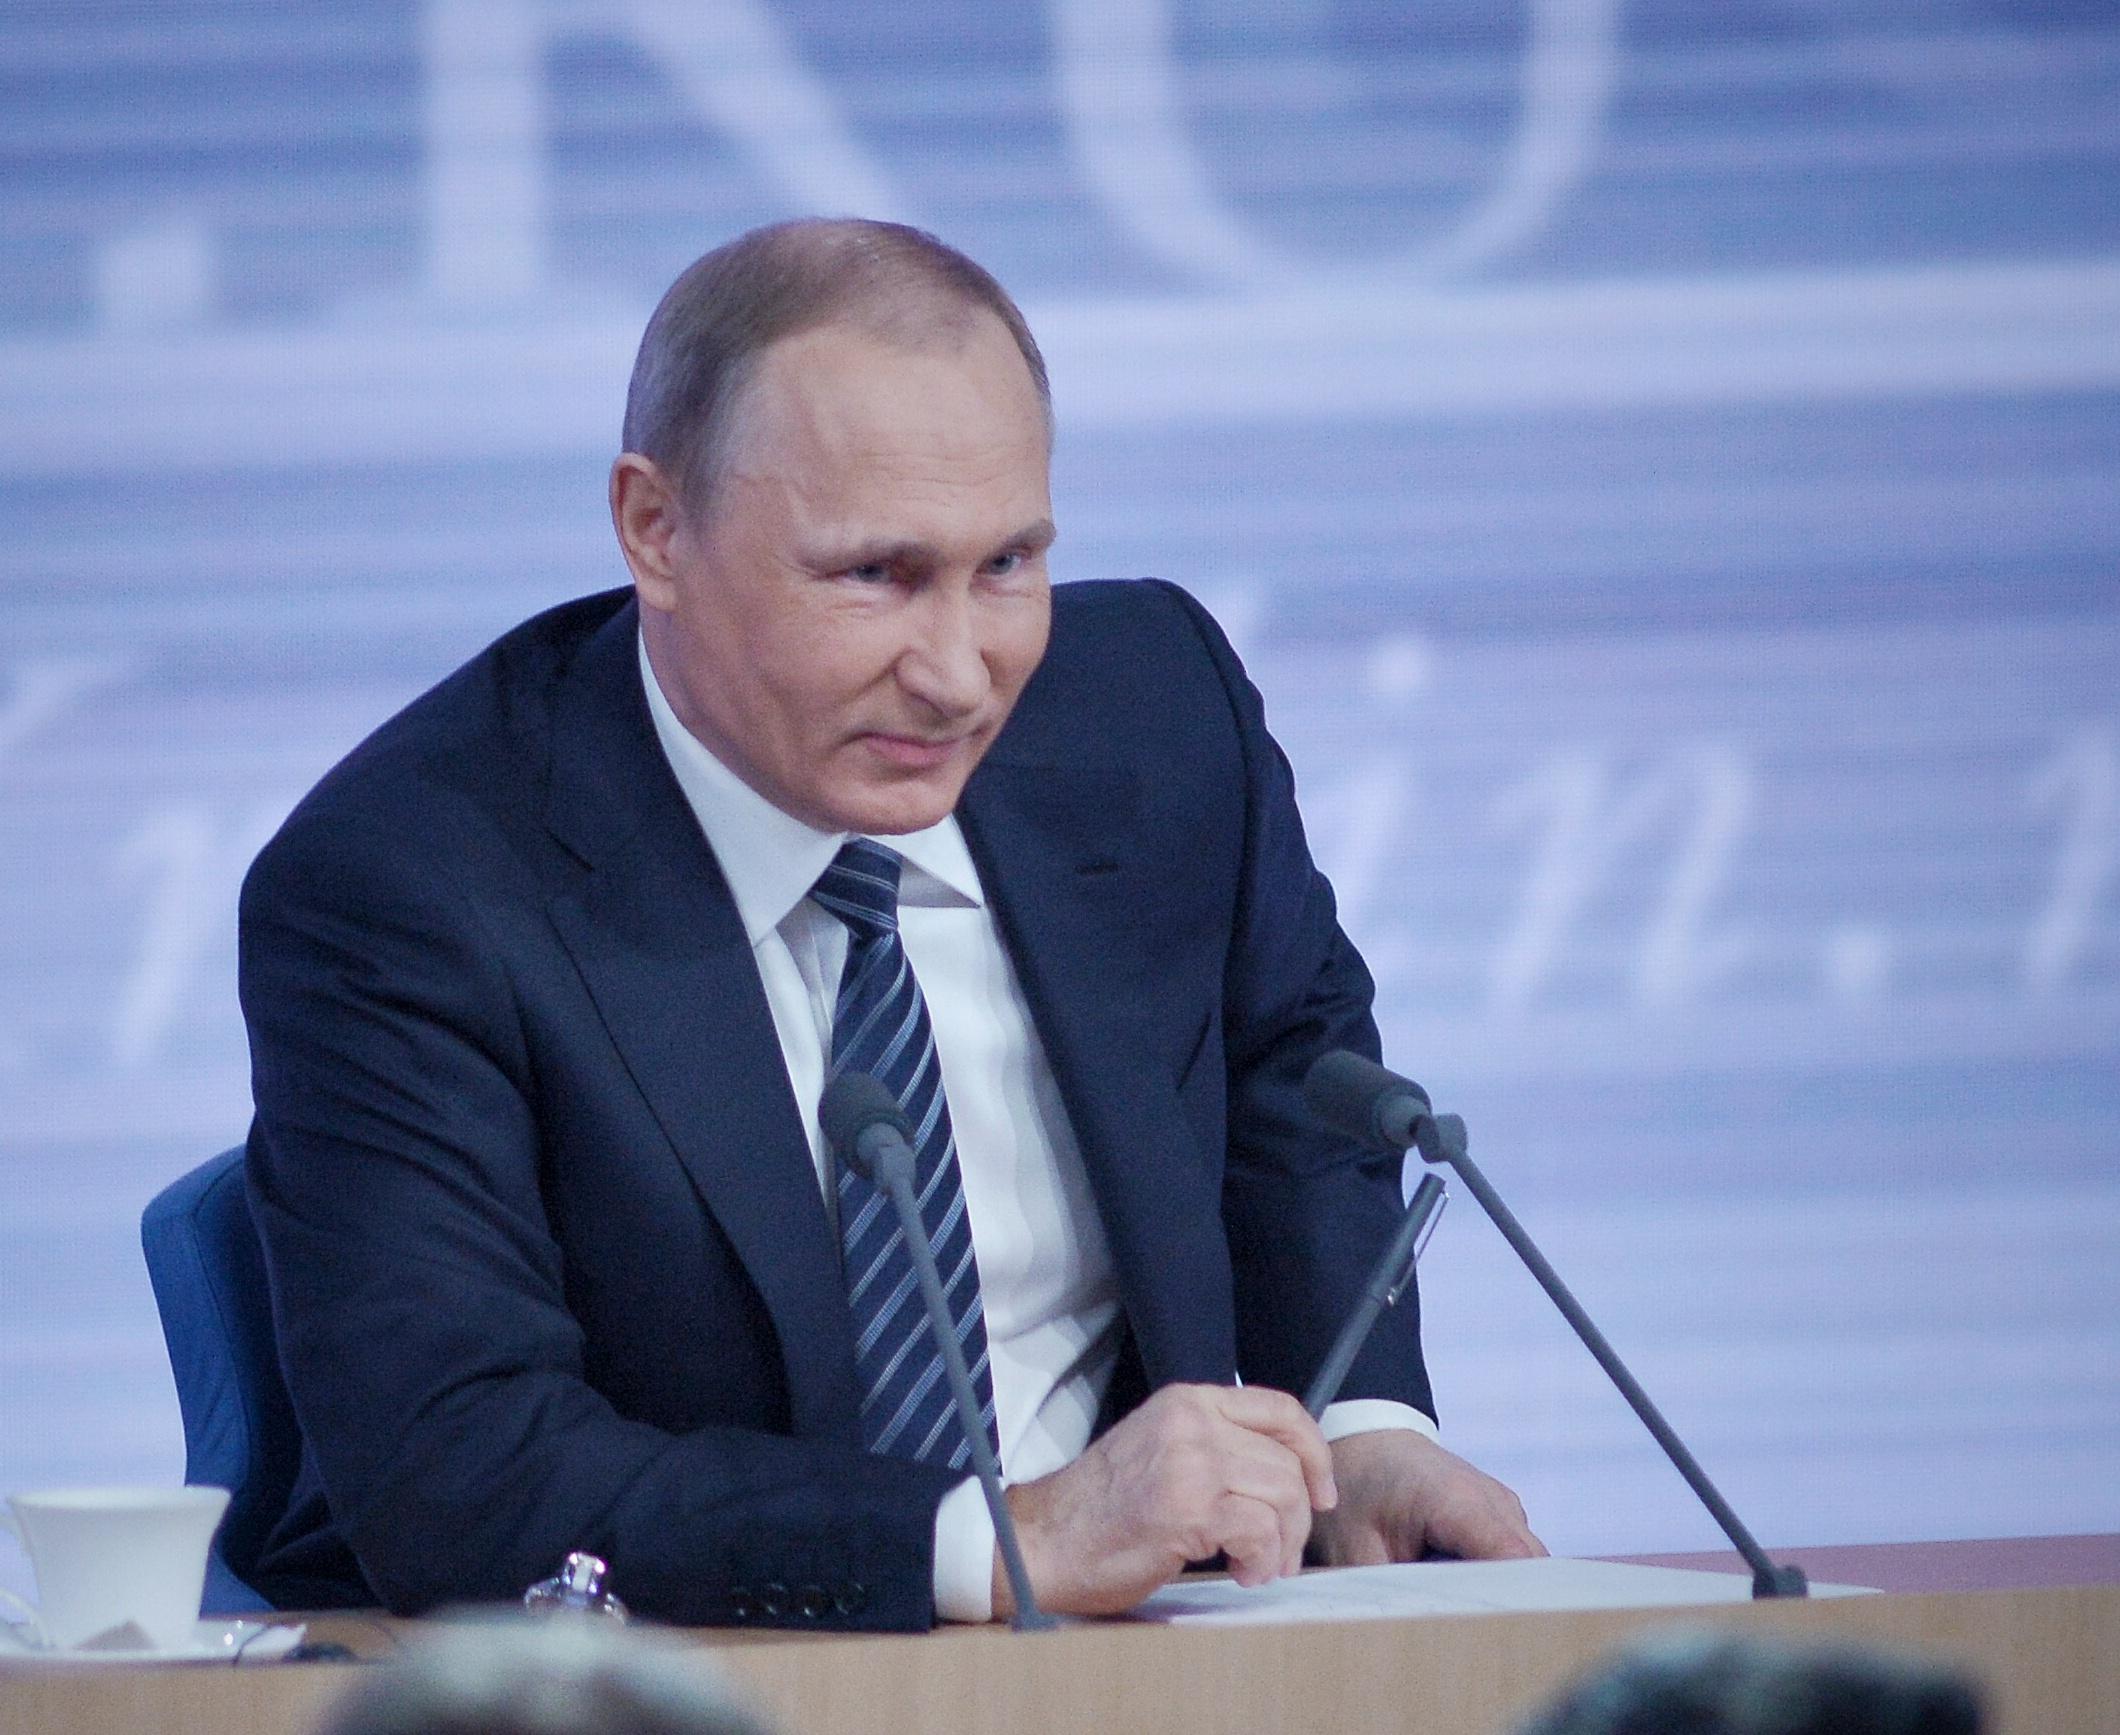 Политик года: Владимир Путин стал лидером рейтинга-2016